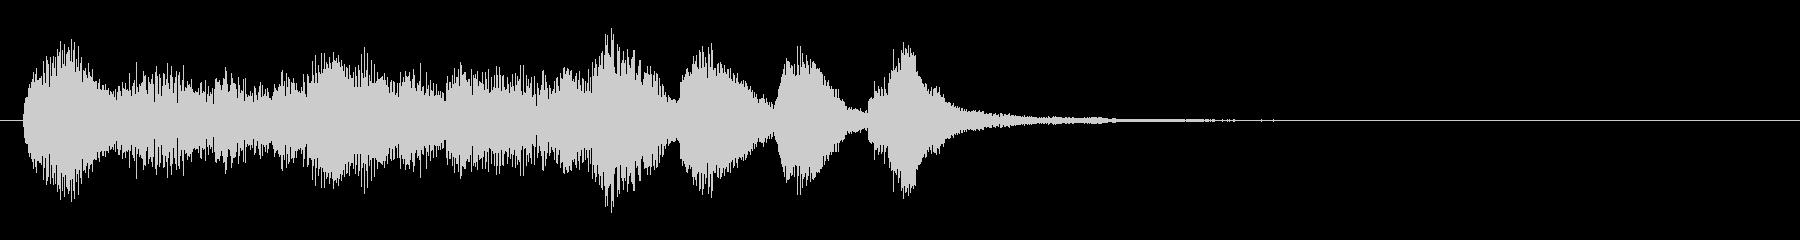 のほほんジングル014_クリアの未再生の波形